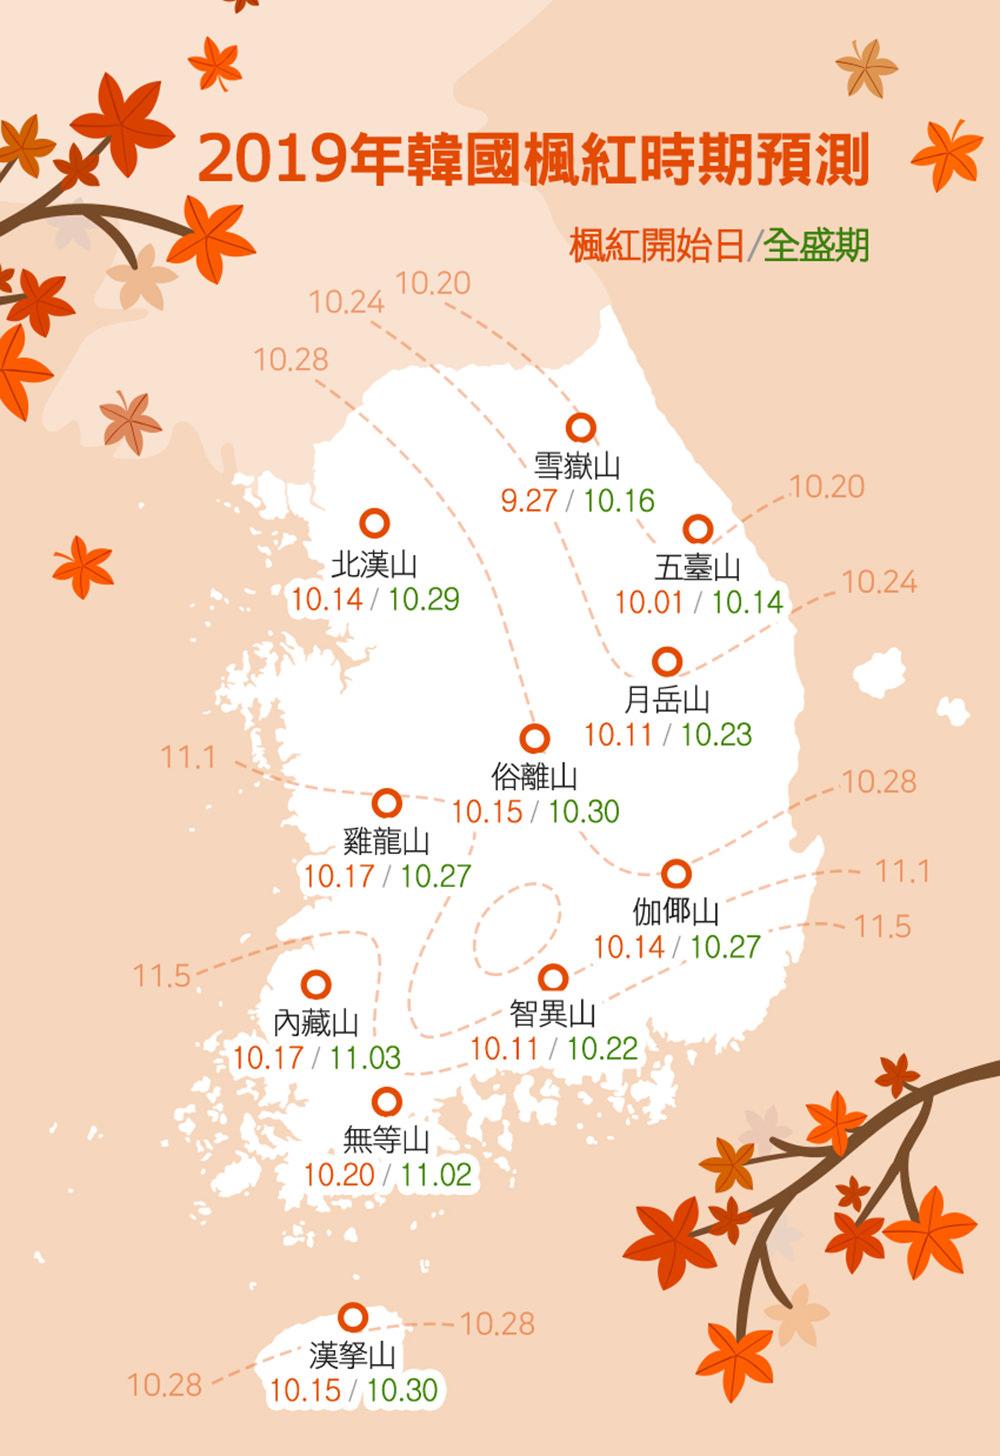 韓國楓紅時間預測 全韓國楓葉銀杏景點行程規劃